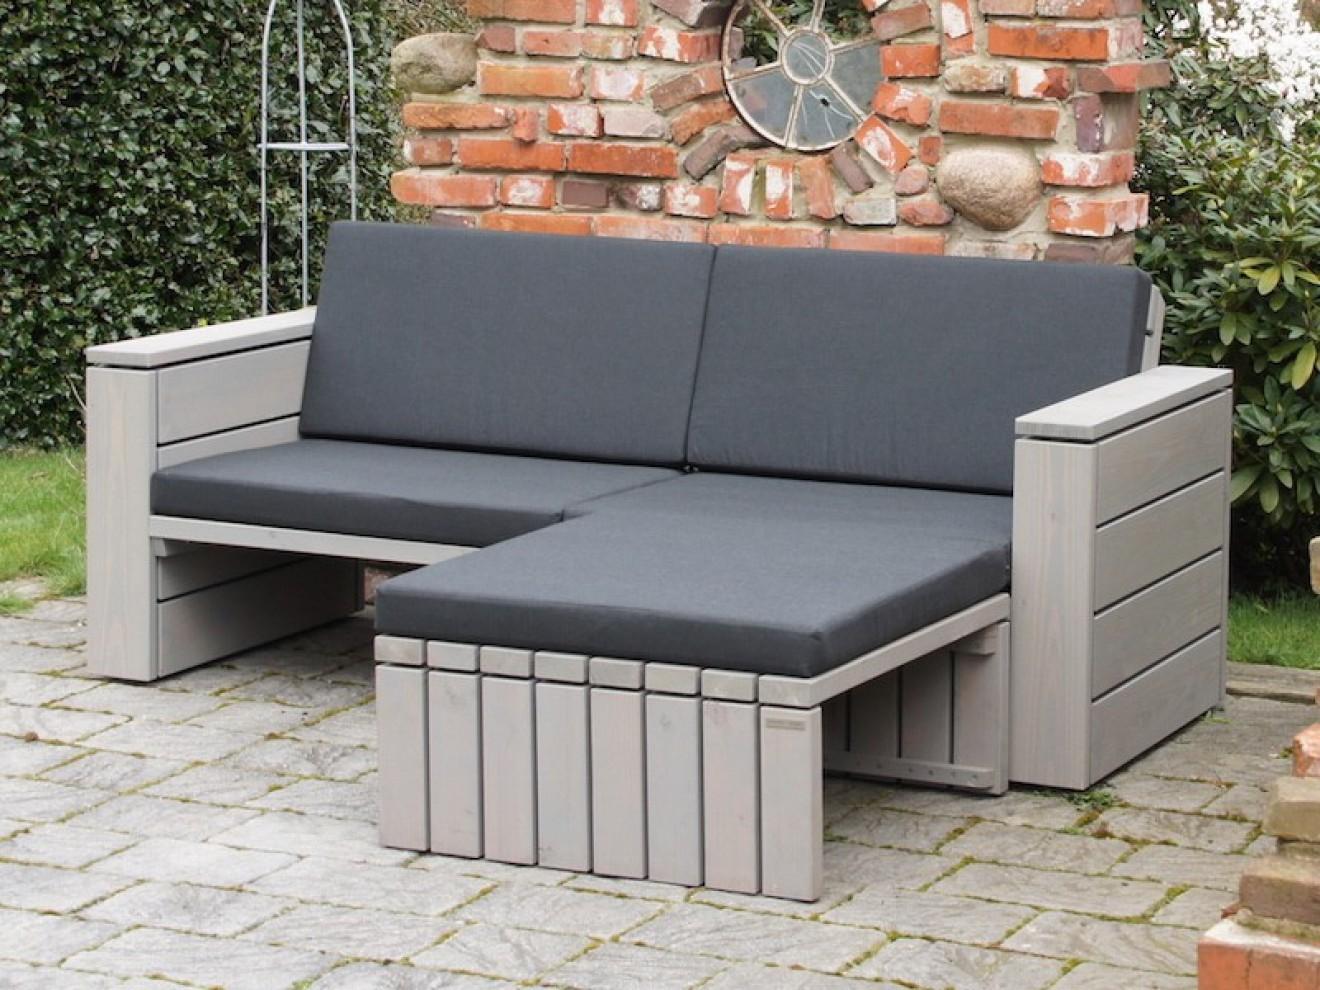 Lounge ecke zeitlose loungem bel aus heimischem holz for Lounge sessel holz outdoor